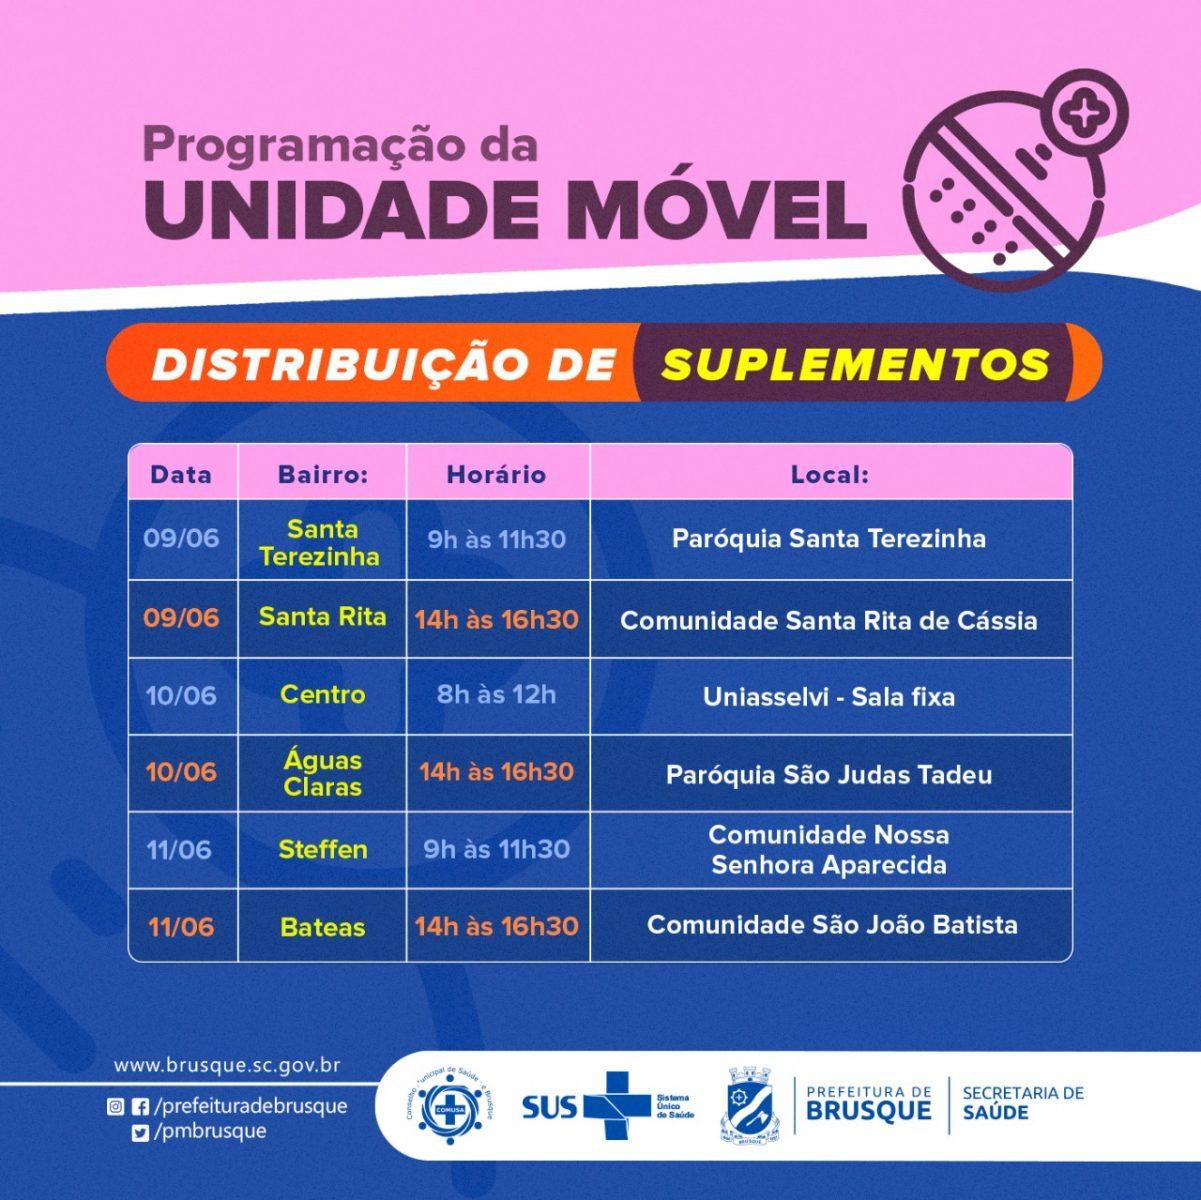 Covid-19: Unidade móvel de distribuição de suplementos divulga agenda da semana